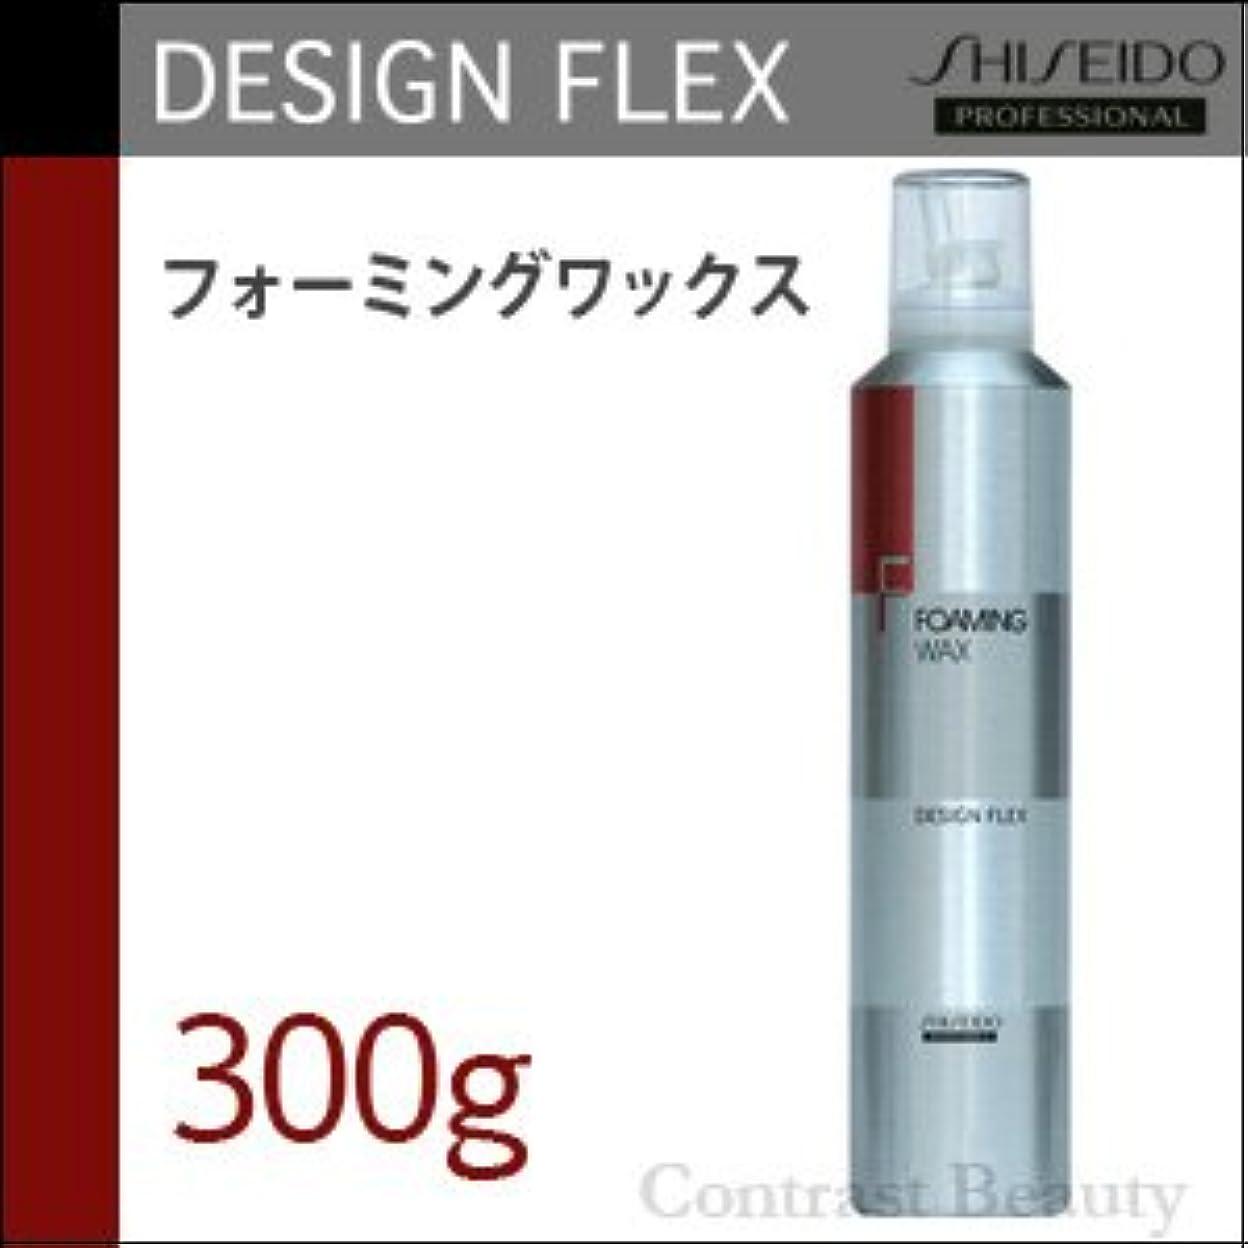 ふける欲しいです書く【x2個セット】 資生堂 デザインフレックス フォーミングワックス 300g